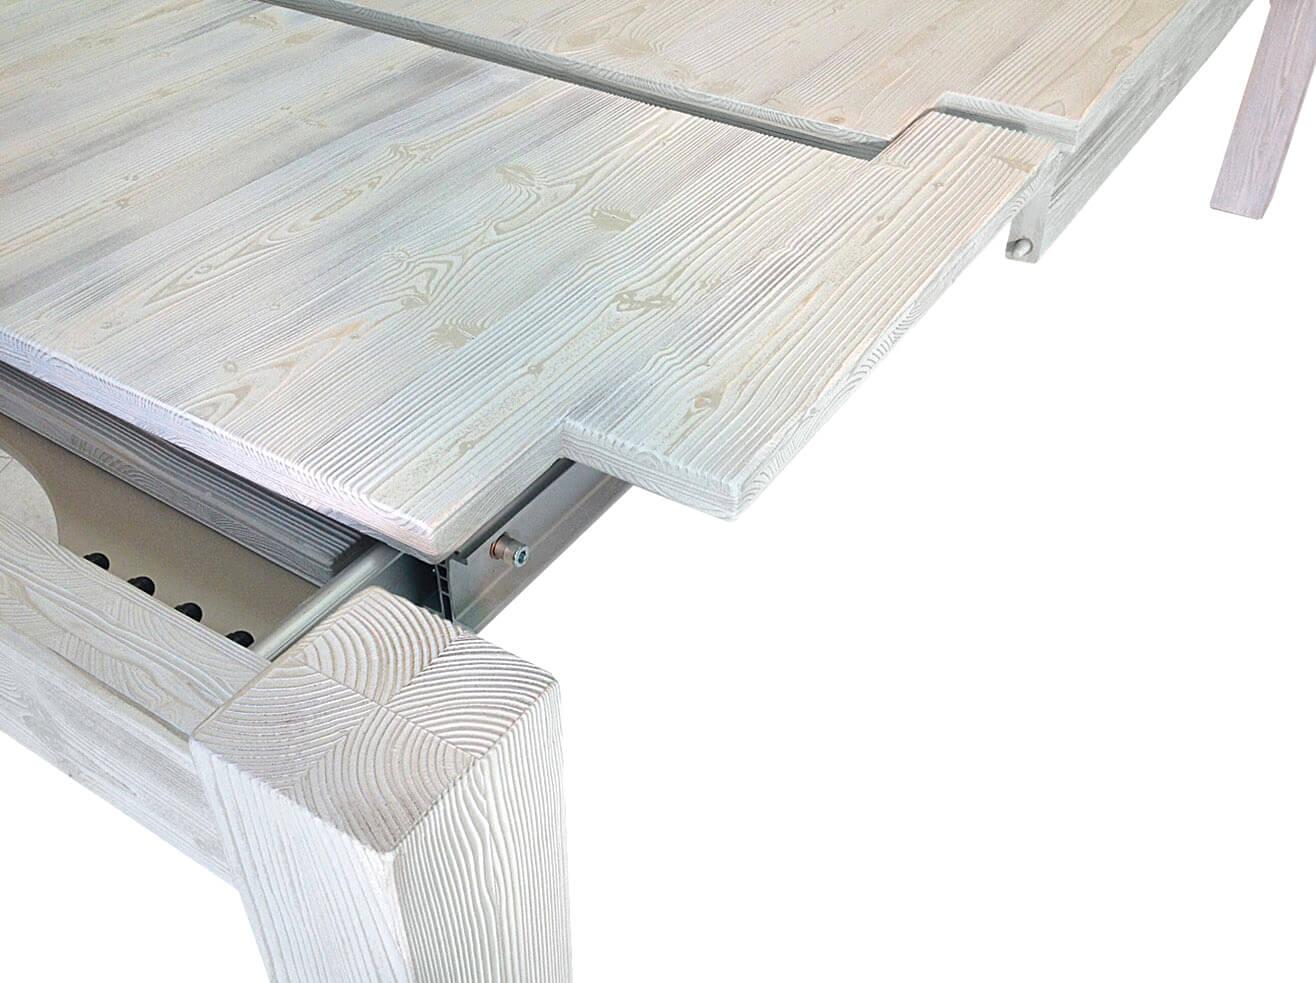 Tavolo x in legno massello di rovere bianco consumato ebay for Tavolo bianco legno